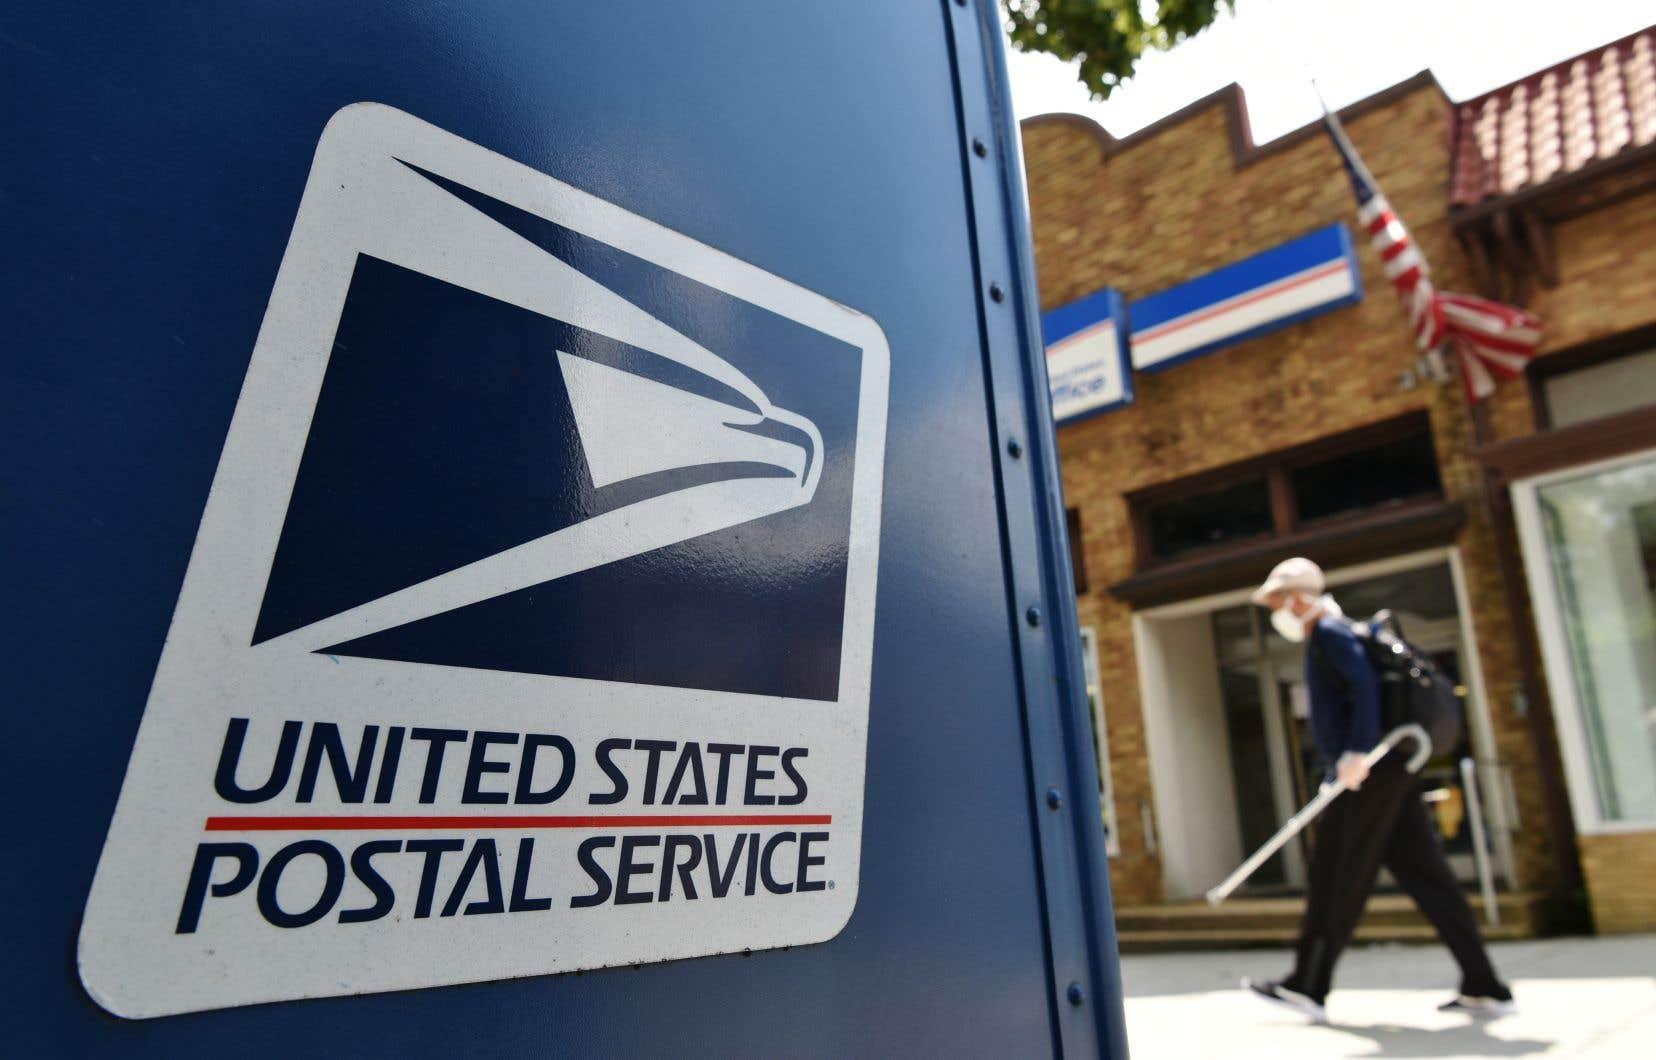 Les boîtes à lettres dans les rues, dont certaines avaient été supprimées, seront finalement maintenues.